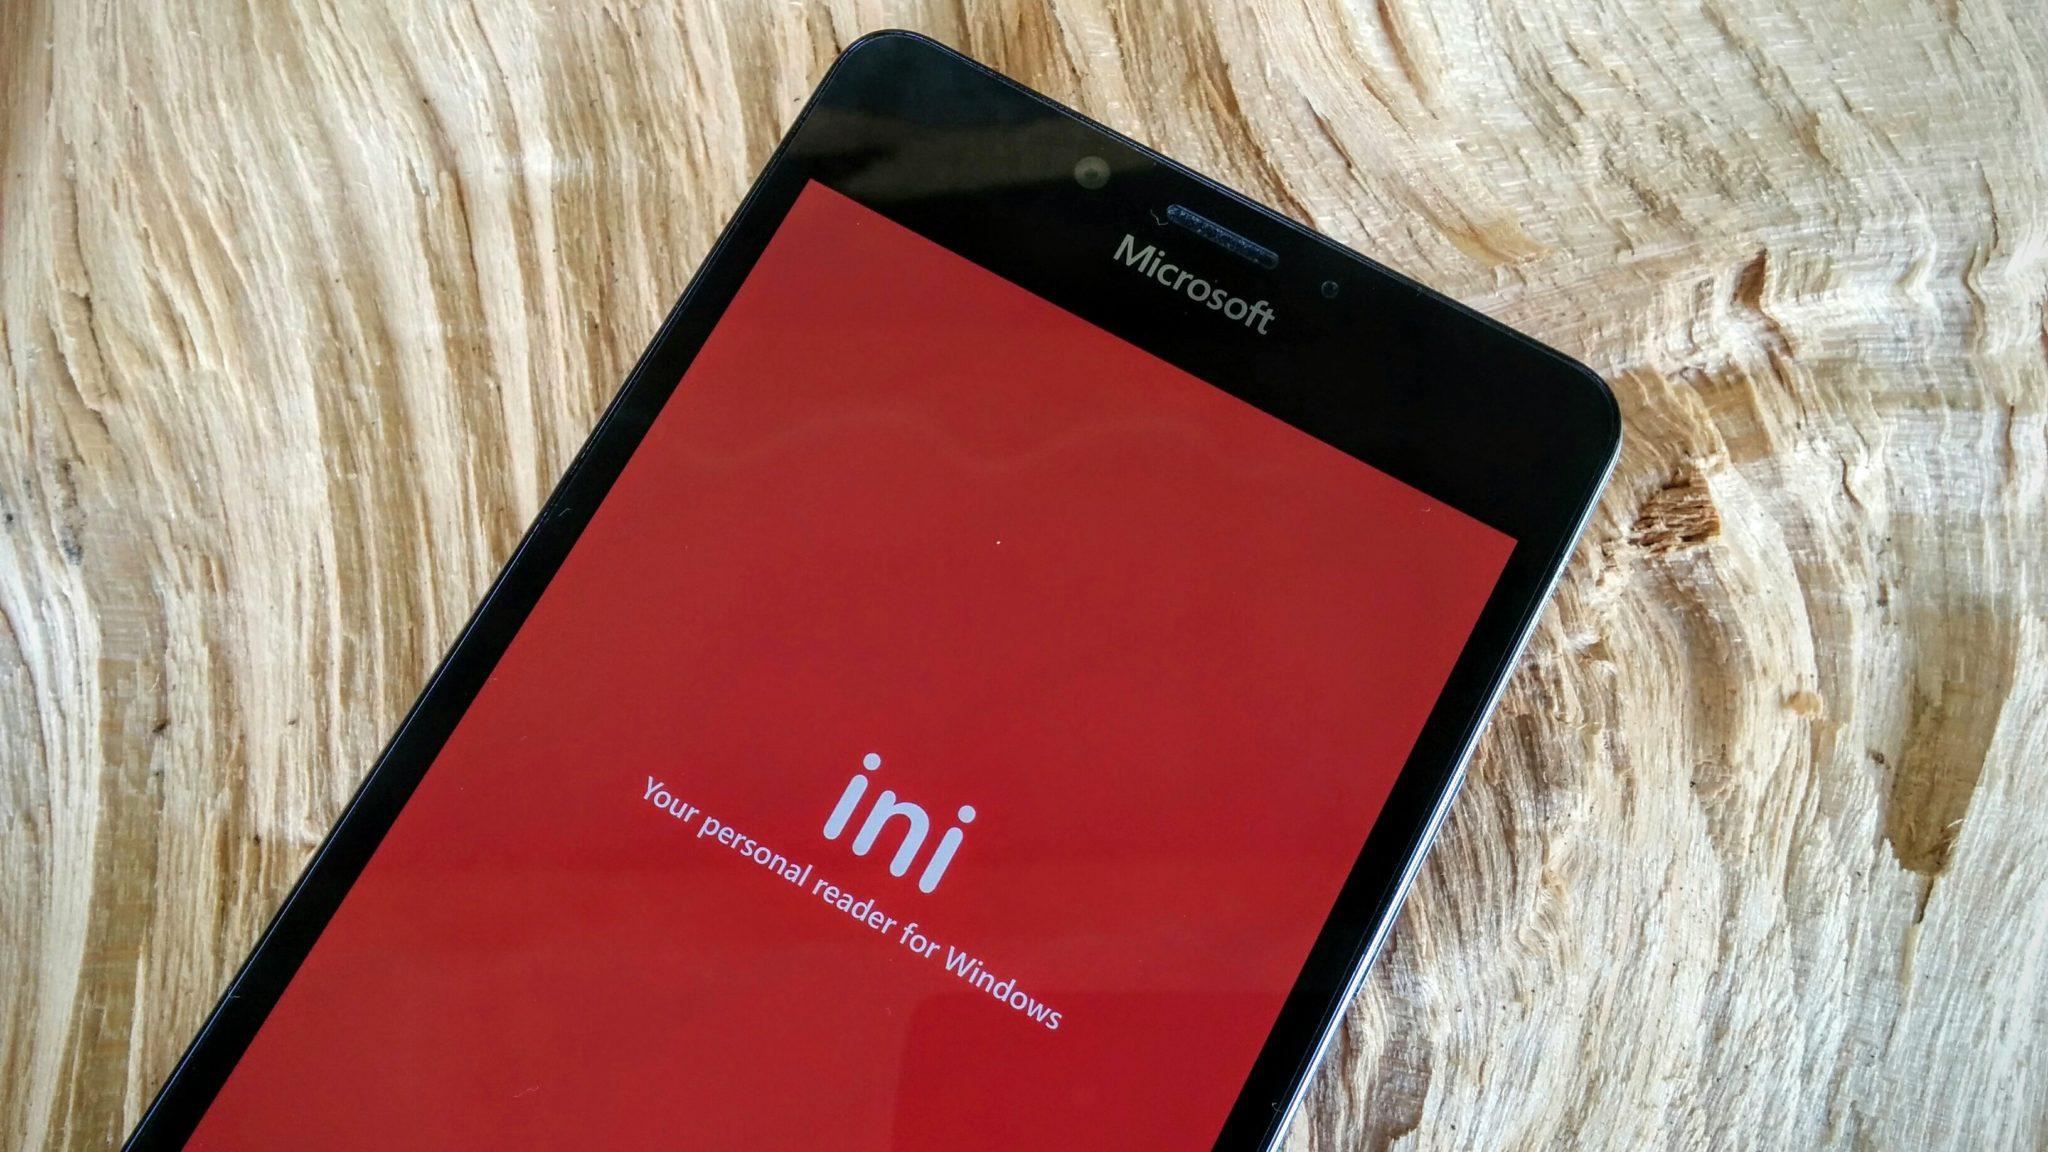 iNi Reader je první Feedly čtečkou pro Windows 10 Mobile